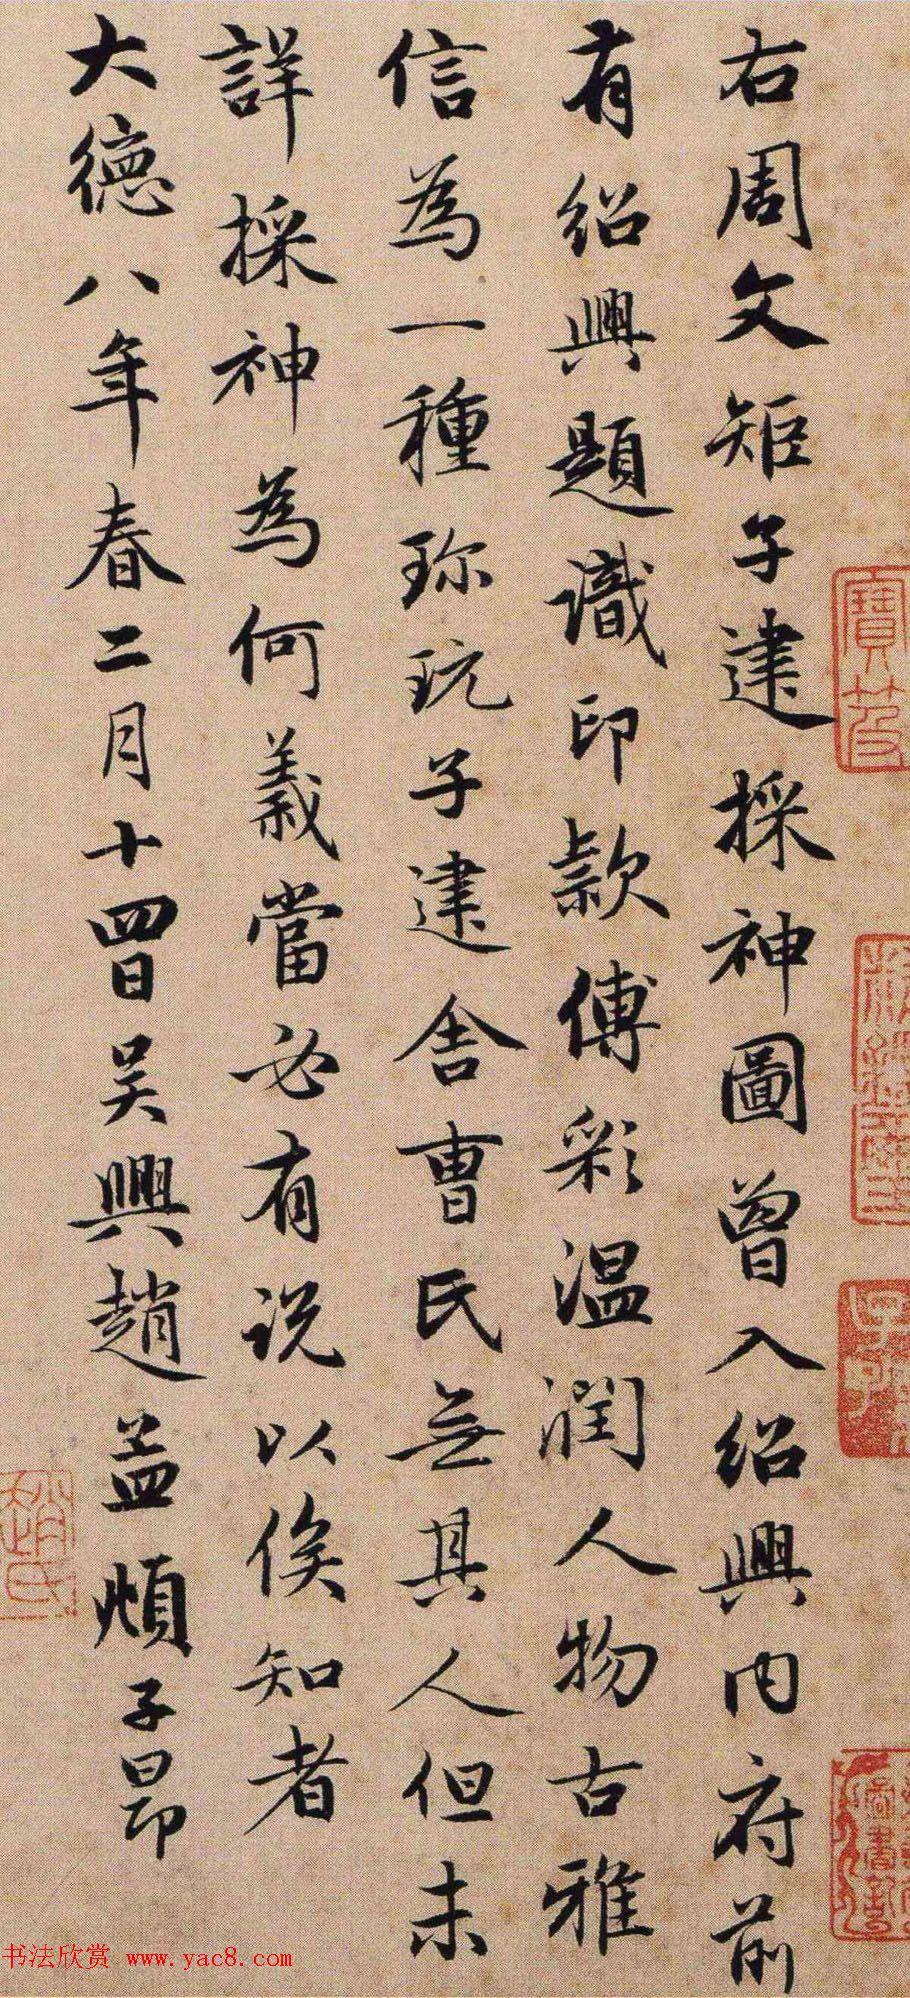 赵孟頫小楷佳作赏析《采神图跋册页》